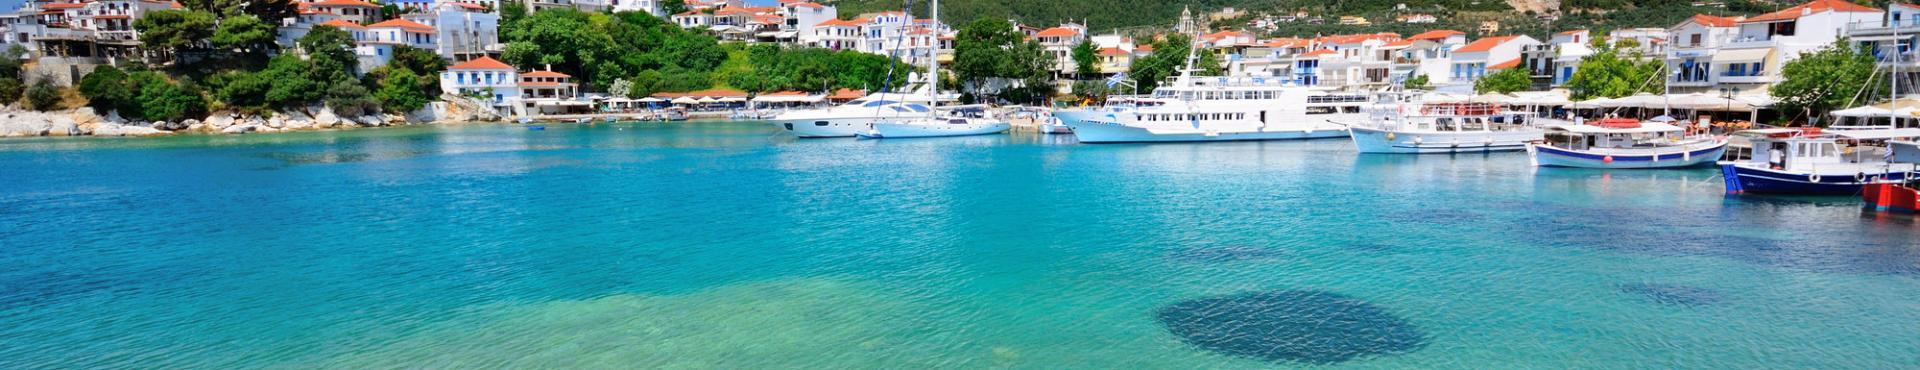 Evia and Sporades islands